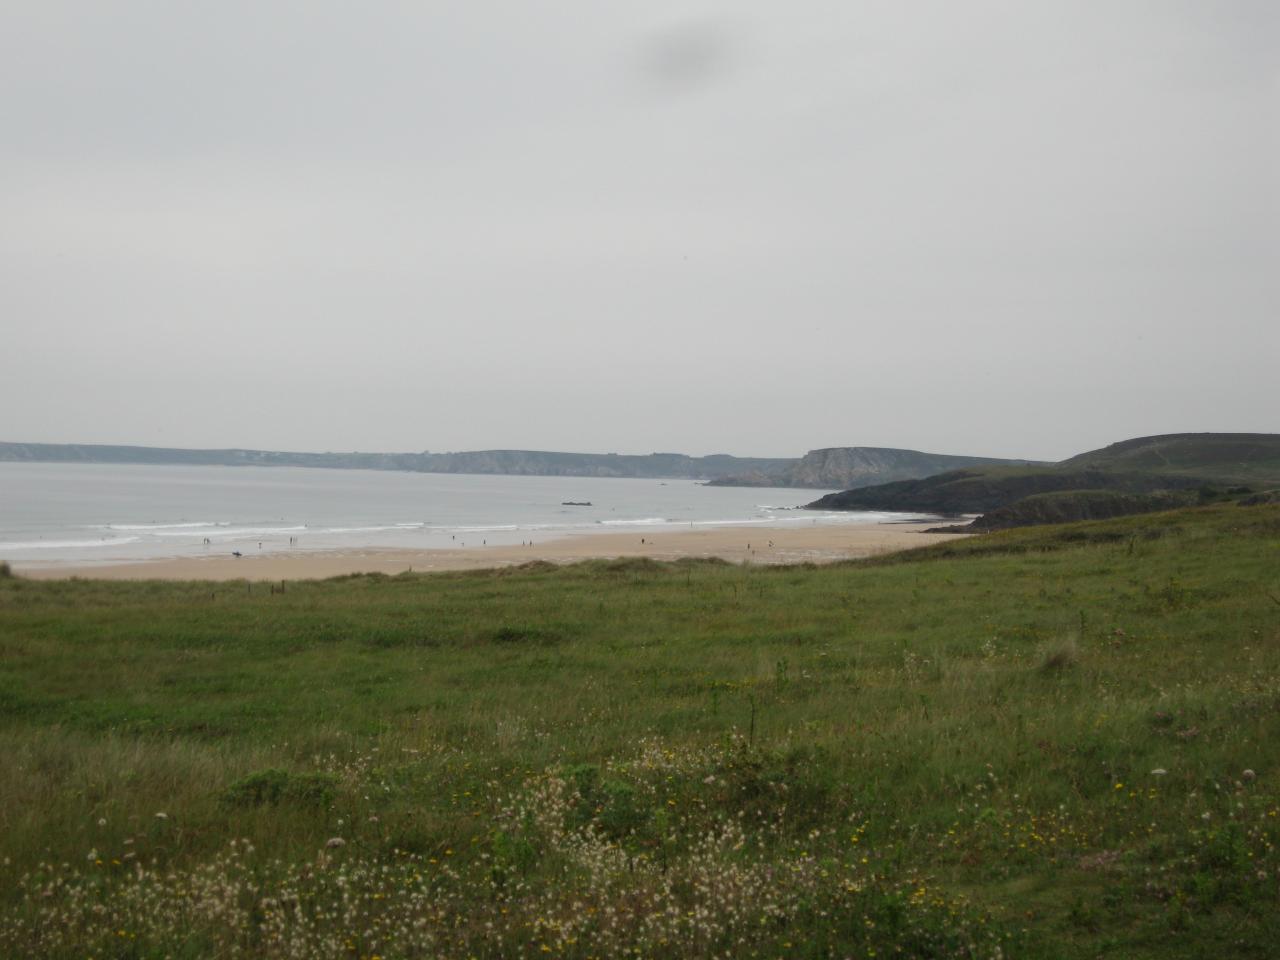 La plage de Kerdreux - Baie de Crozon